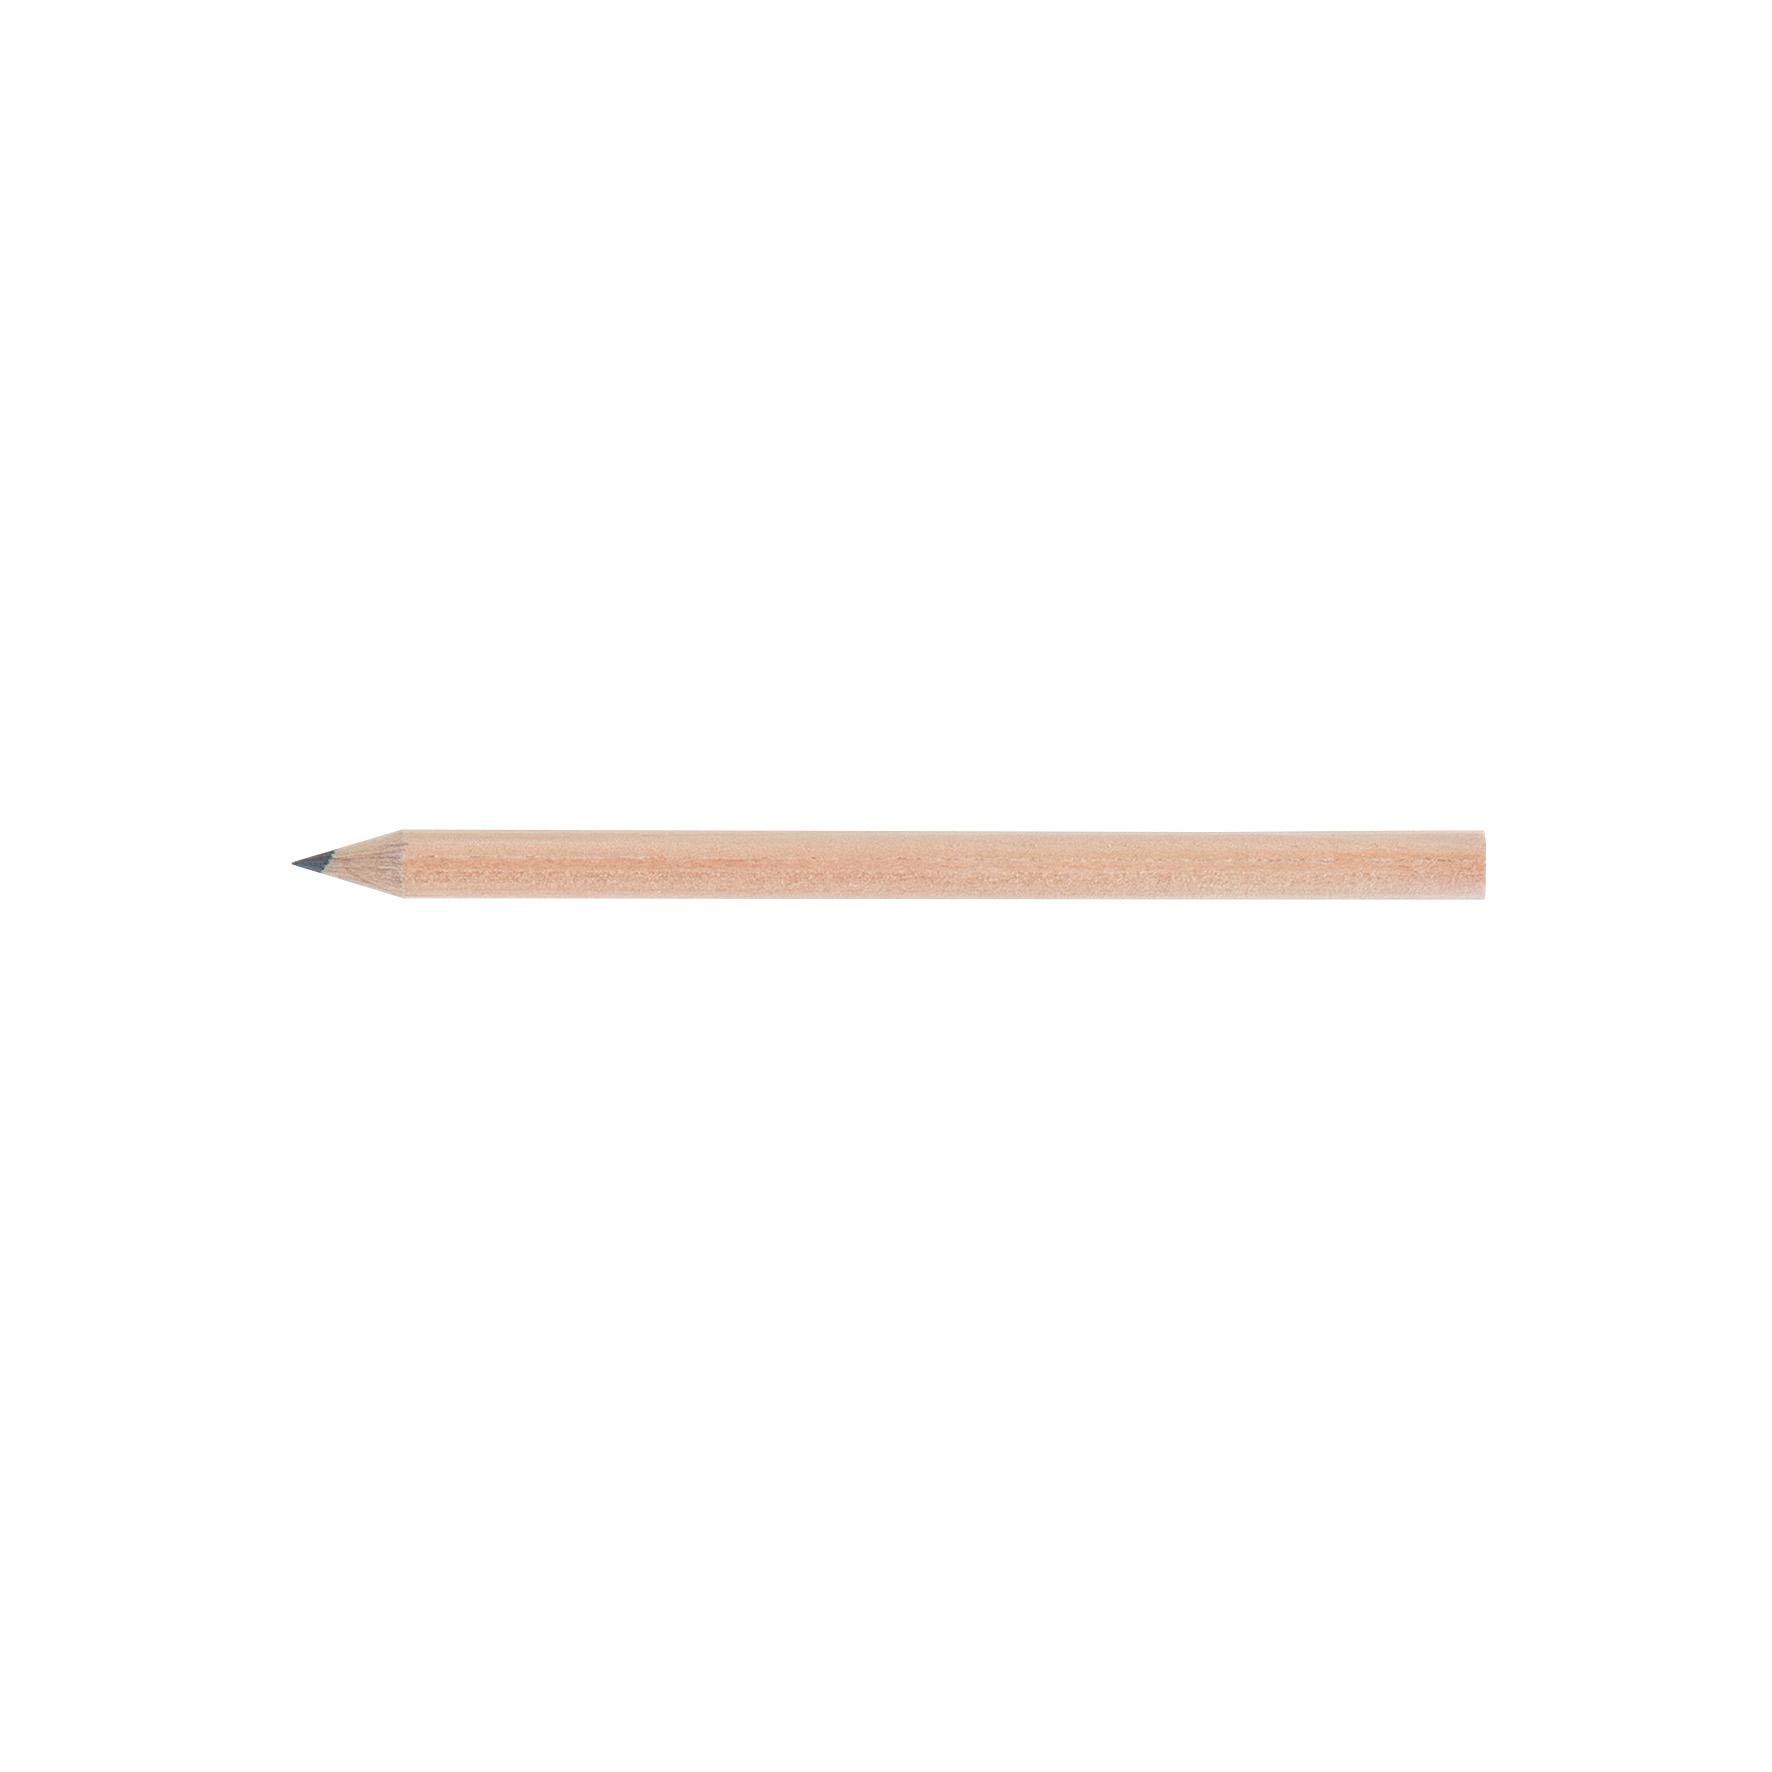 CRAYON AGENDA PRESTIGE 8,7 cm